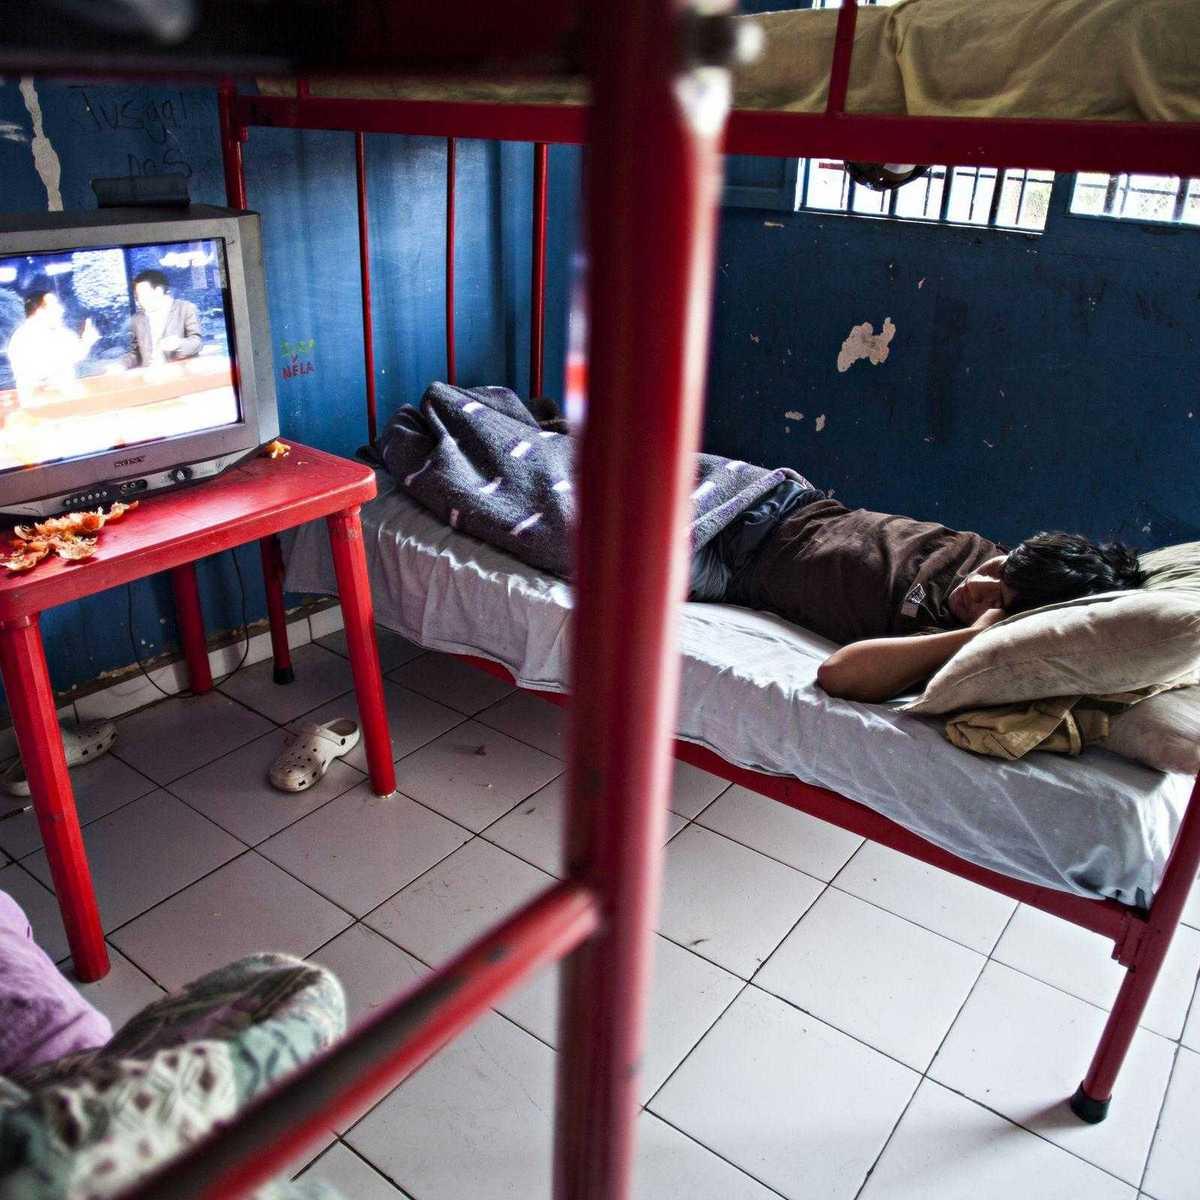 Junge in seinem Bett im Heim beim Fernseh schauen